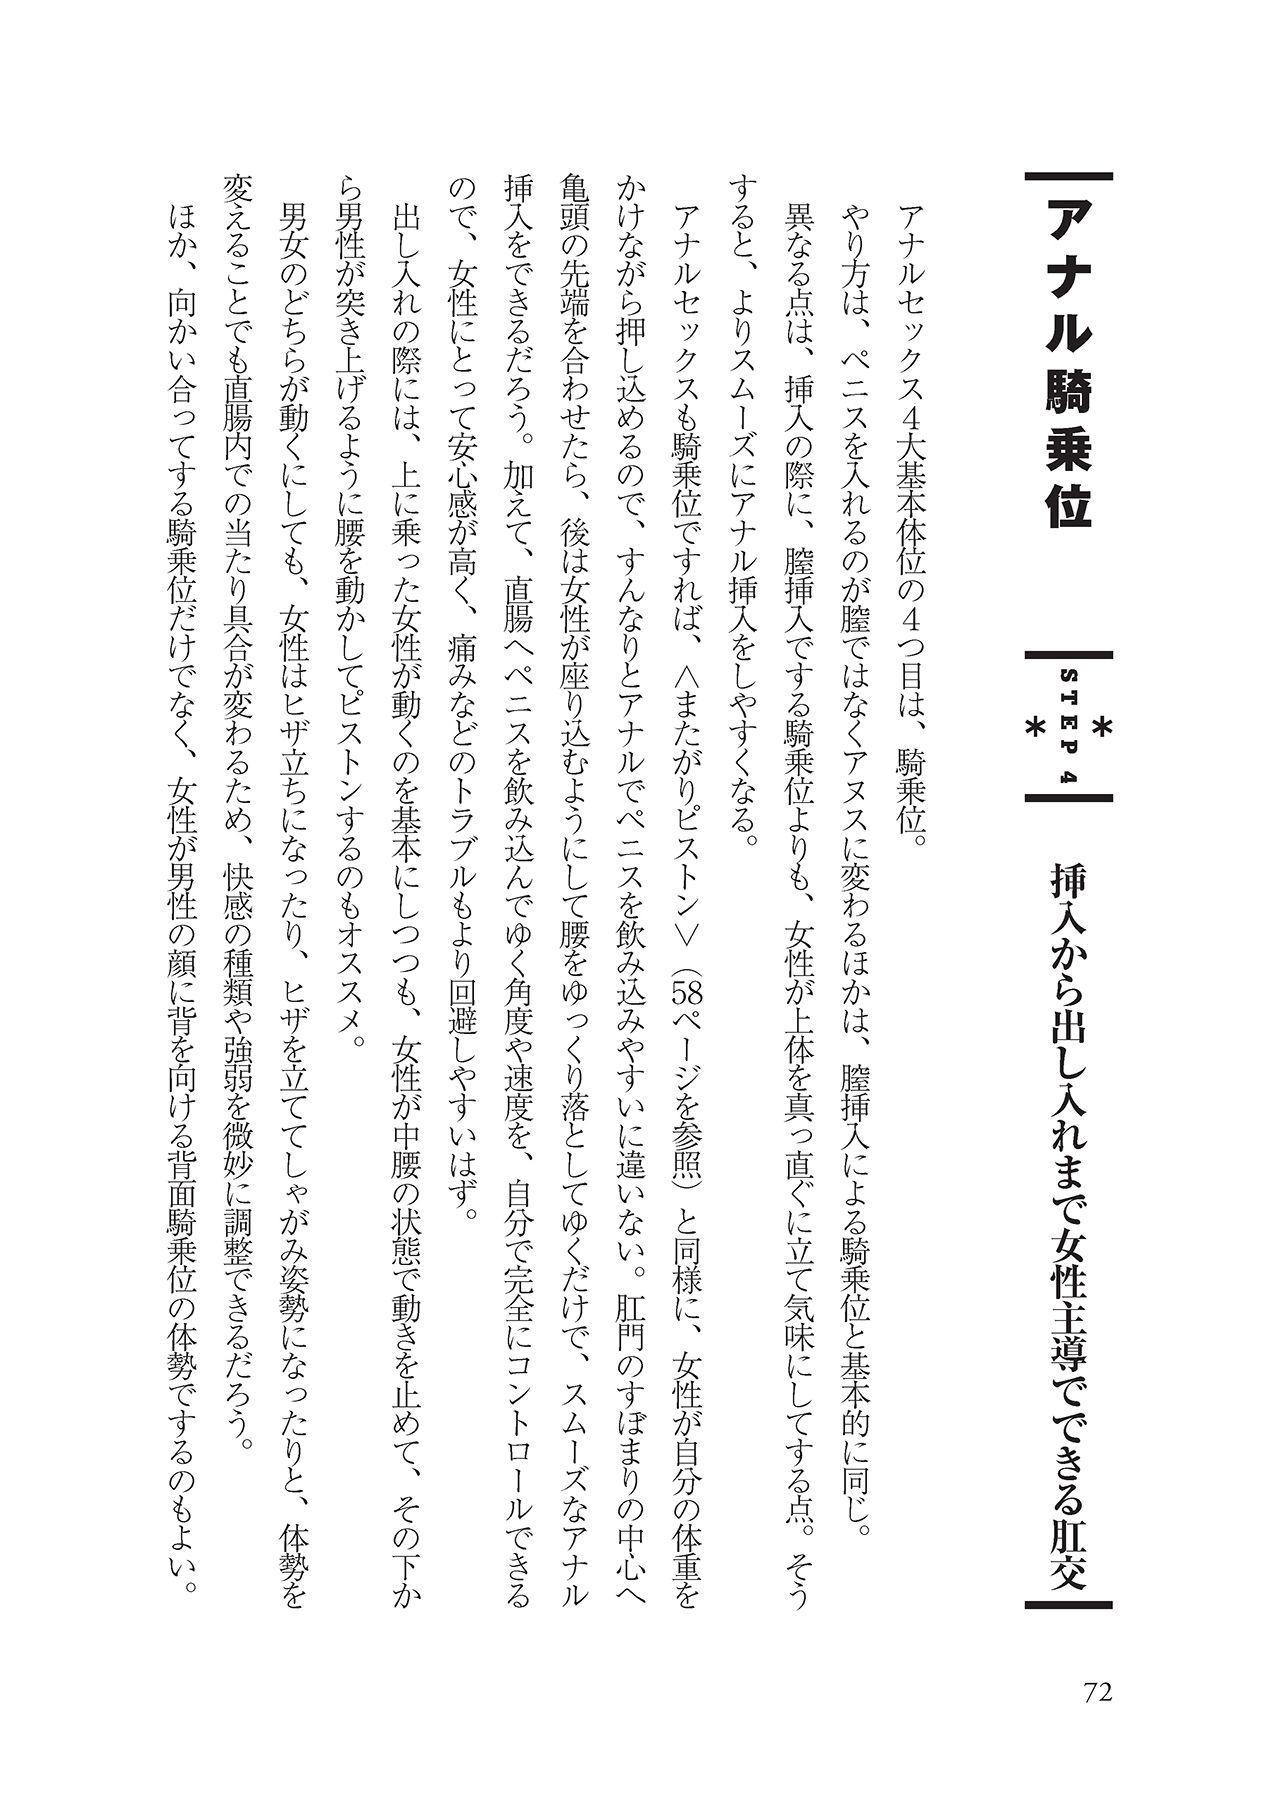 アナル性感開発・お尻エッチ 完全マニュアル 73